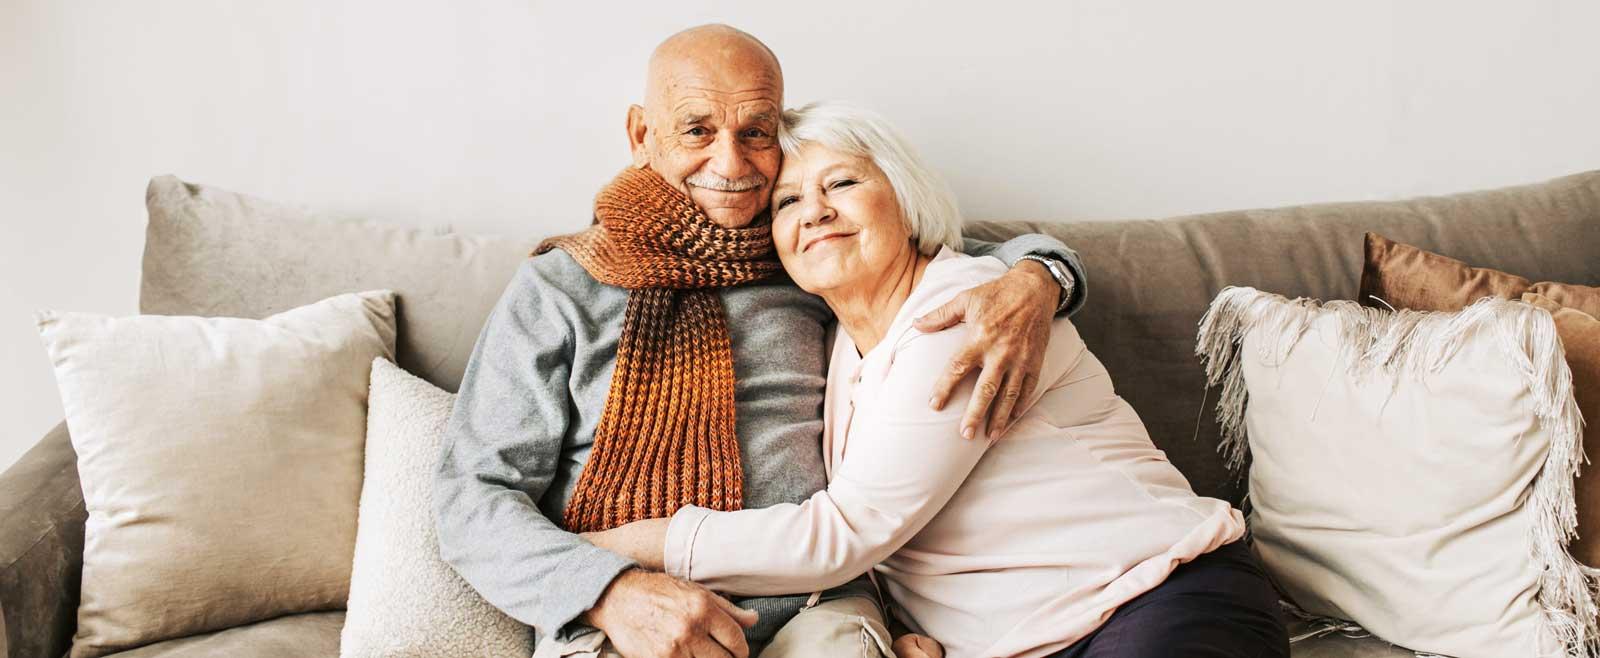 SenioHilfe für ein würdevolles Leben im Alter